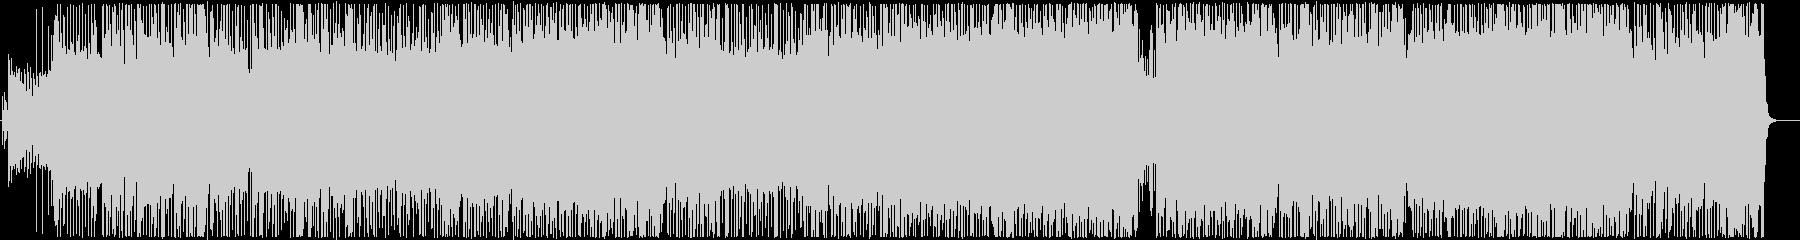 マイナー調のハードロックBGMの未再生の波形